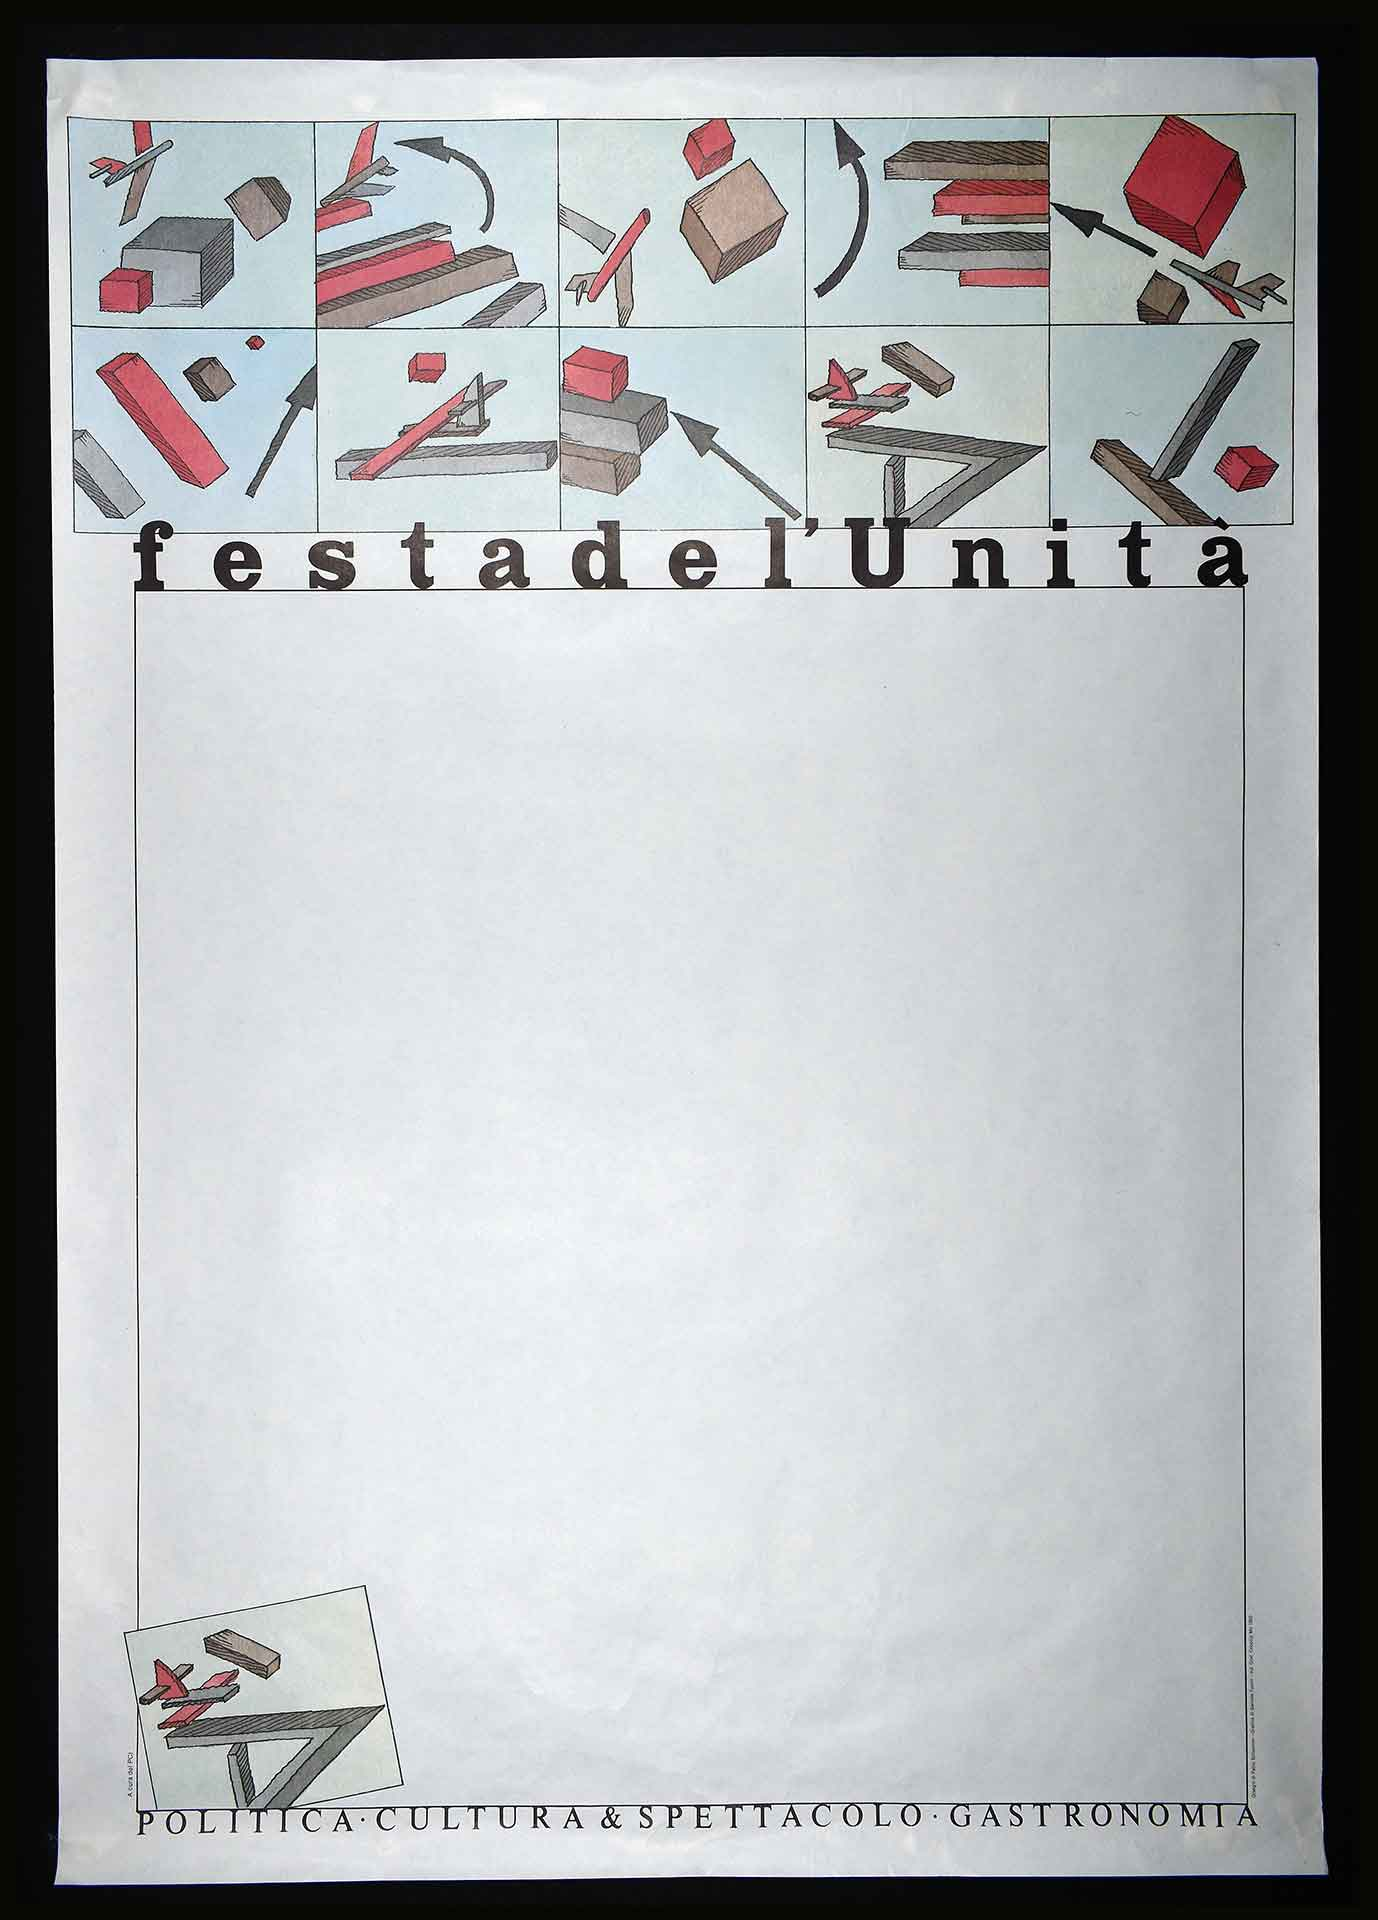 Partito comunista italiano (PCI). Stampa Ind. Graf. Cooptip Mo, Roma. Grafica di D. Turchi. I disegni sono dell'artista italo-cileno Pablo Echaurren. Comunicazione di partito.